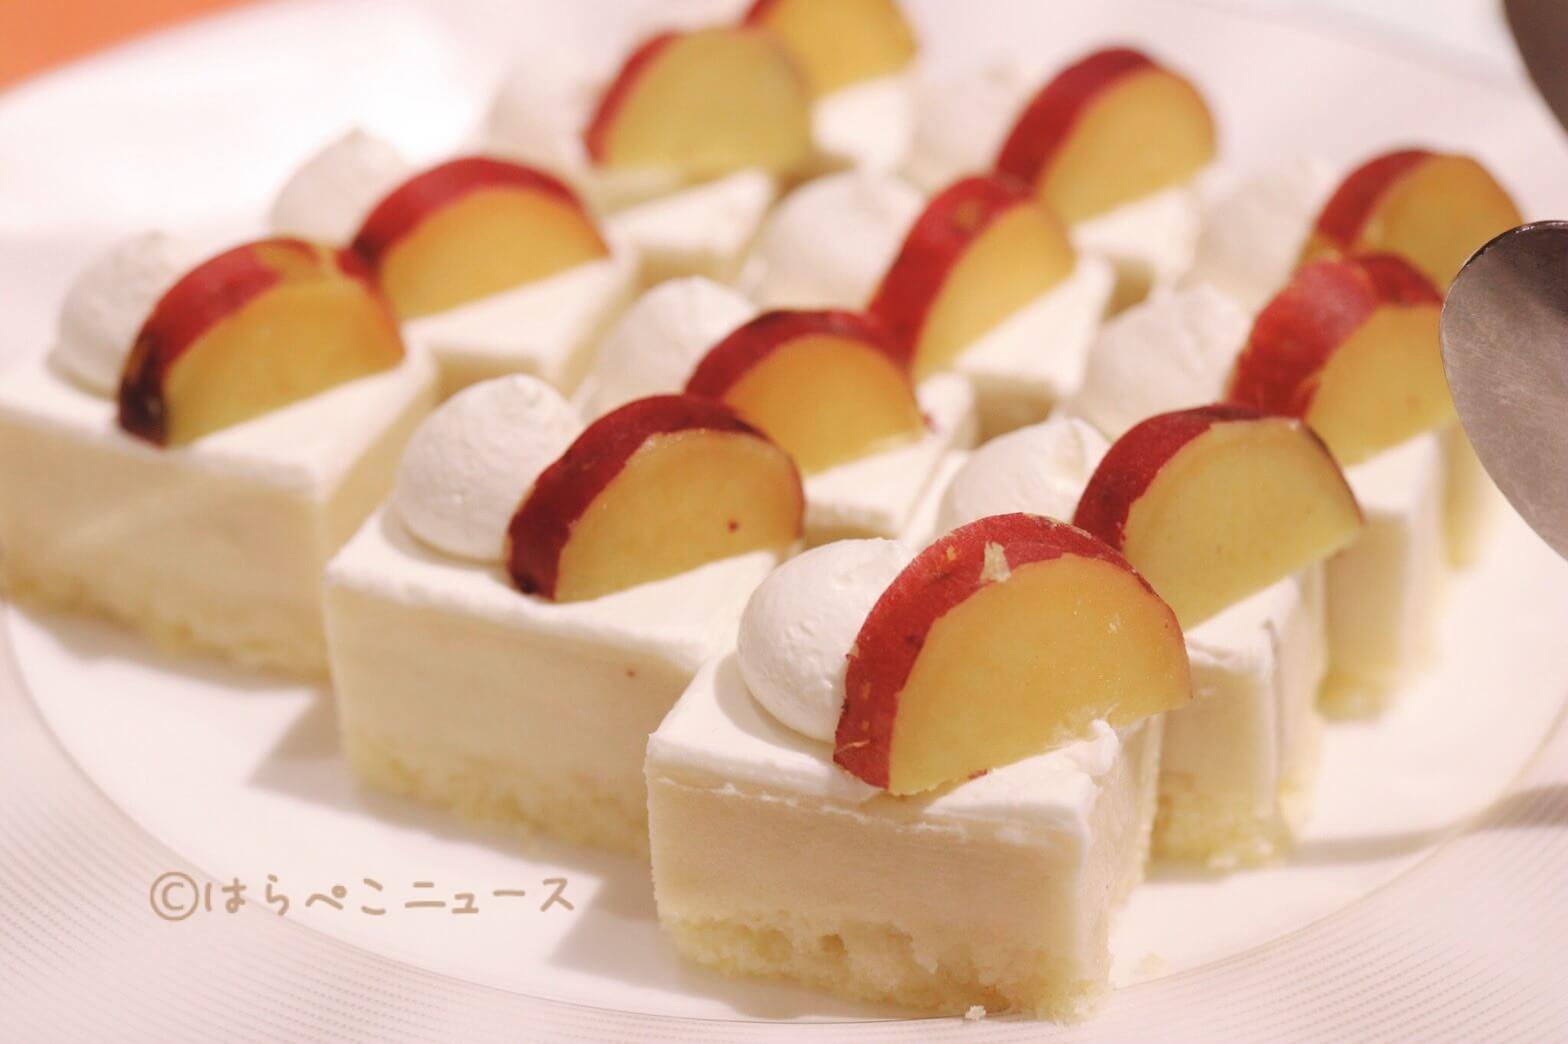 【芋スイーツ2020】さつまいも・紫芋・紅芋・安納芋のデザート!ビュッフェやスイートポテトにパフェも!